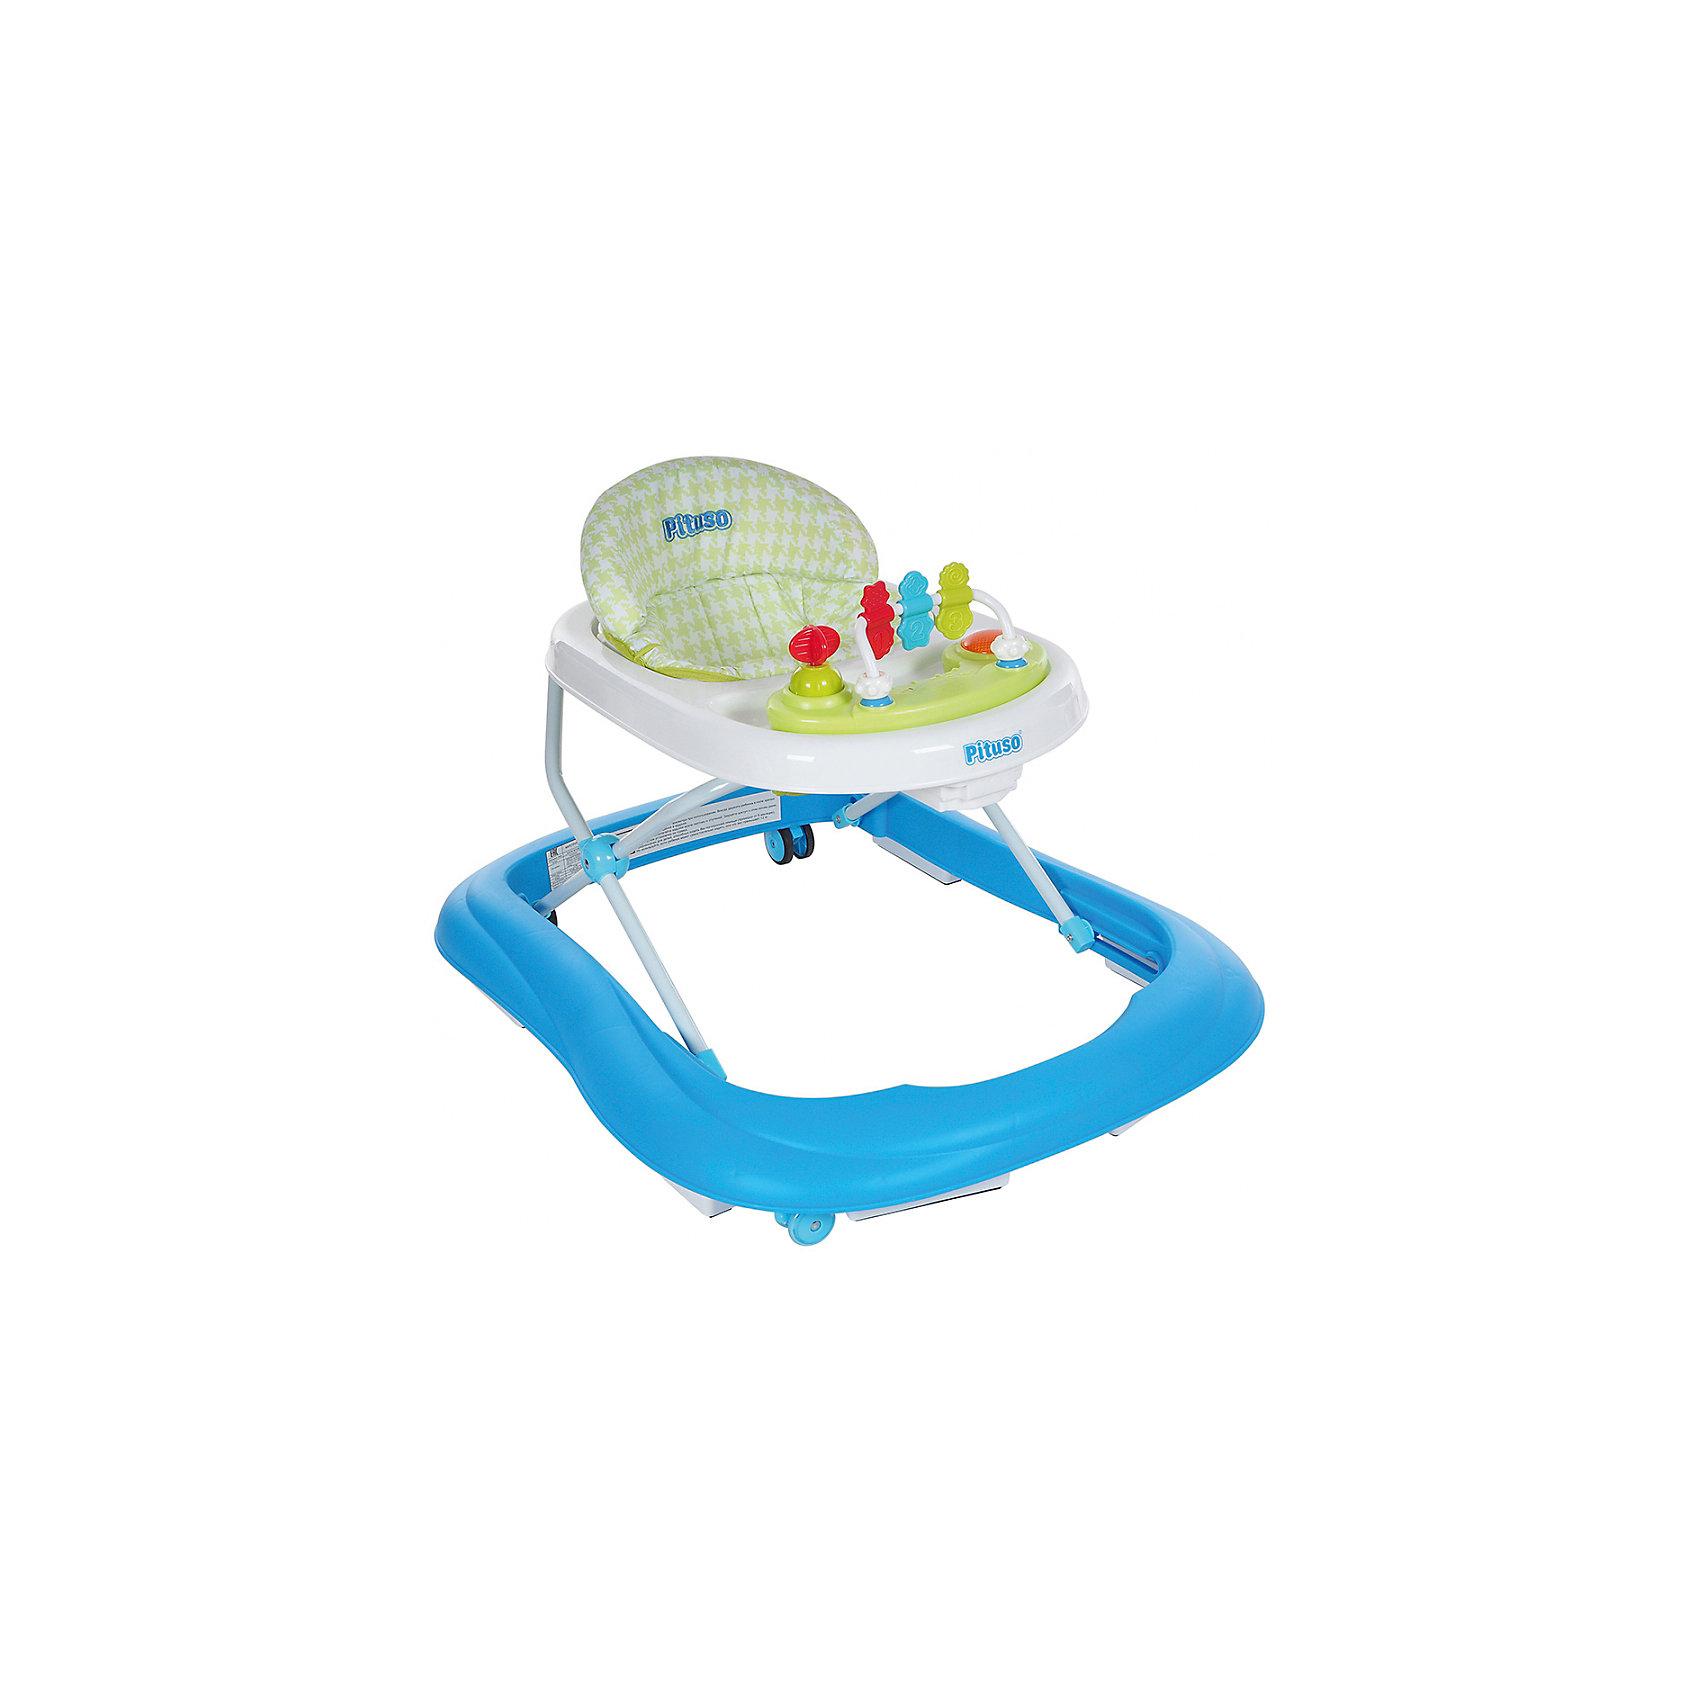 Ходунки 1-2-3, Pituso, голубойХодунки<br>Характеристики ходунков Pituso:<br><br>• высота ходунков регулируется в 3-х положениях;<br>• музыкальное сопровождение;<br>• развивающие игрушки;<br>• устойчивая конструкция ходунков;<br>• мягкое сиденье эргономичной формы;<br>• передние поворотные колесики, материал силикон;<br>• задние колеса со сцеплением;<br>• материал ходунков: пластик, чехлы – полиэстер.<br><br>Размер ходунков в сложенном виде: 62,5х11,5х72 см<br>Вес: 3,37 кг<br>Максимальная нагрузка: 13 кг<br><br>Ходунки 1-2-3, Pituso, голубые можно купить в нашем интернет-магазине.<br><br>Ширина мм: 625<br>Глубина мм: 115<br>Высота мм: 720<br>Вес г: 4440<br>Возраст от месяцев: 6<br>Возраст до месяцев: 12<br>Пол: Унисекс<br>Возраст: Детский<br>SKU: 5559195